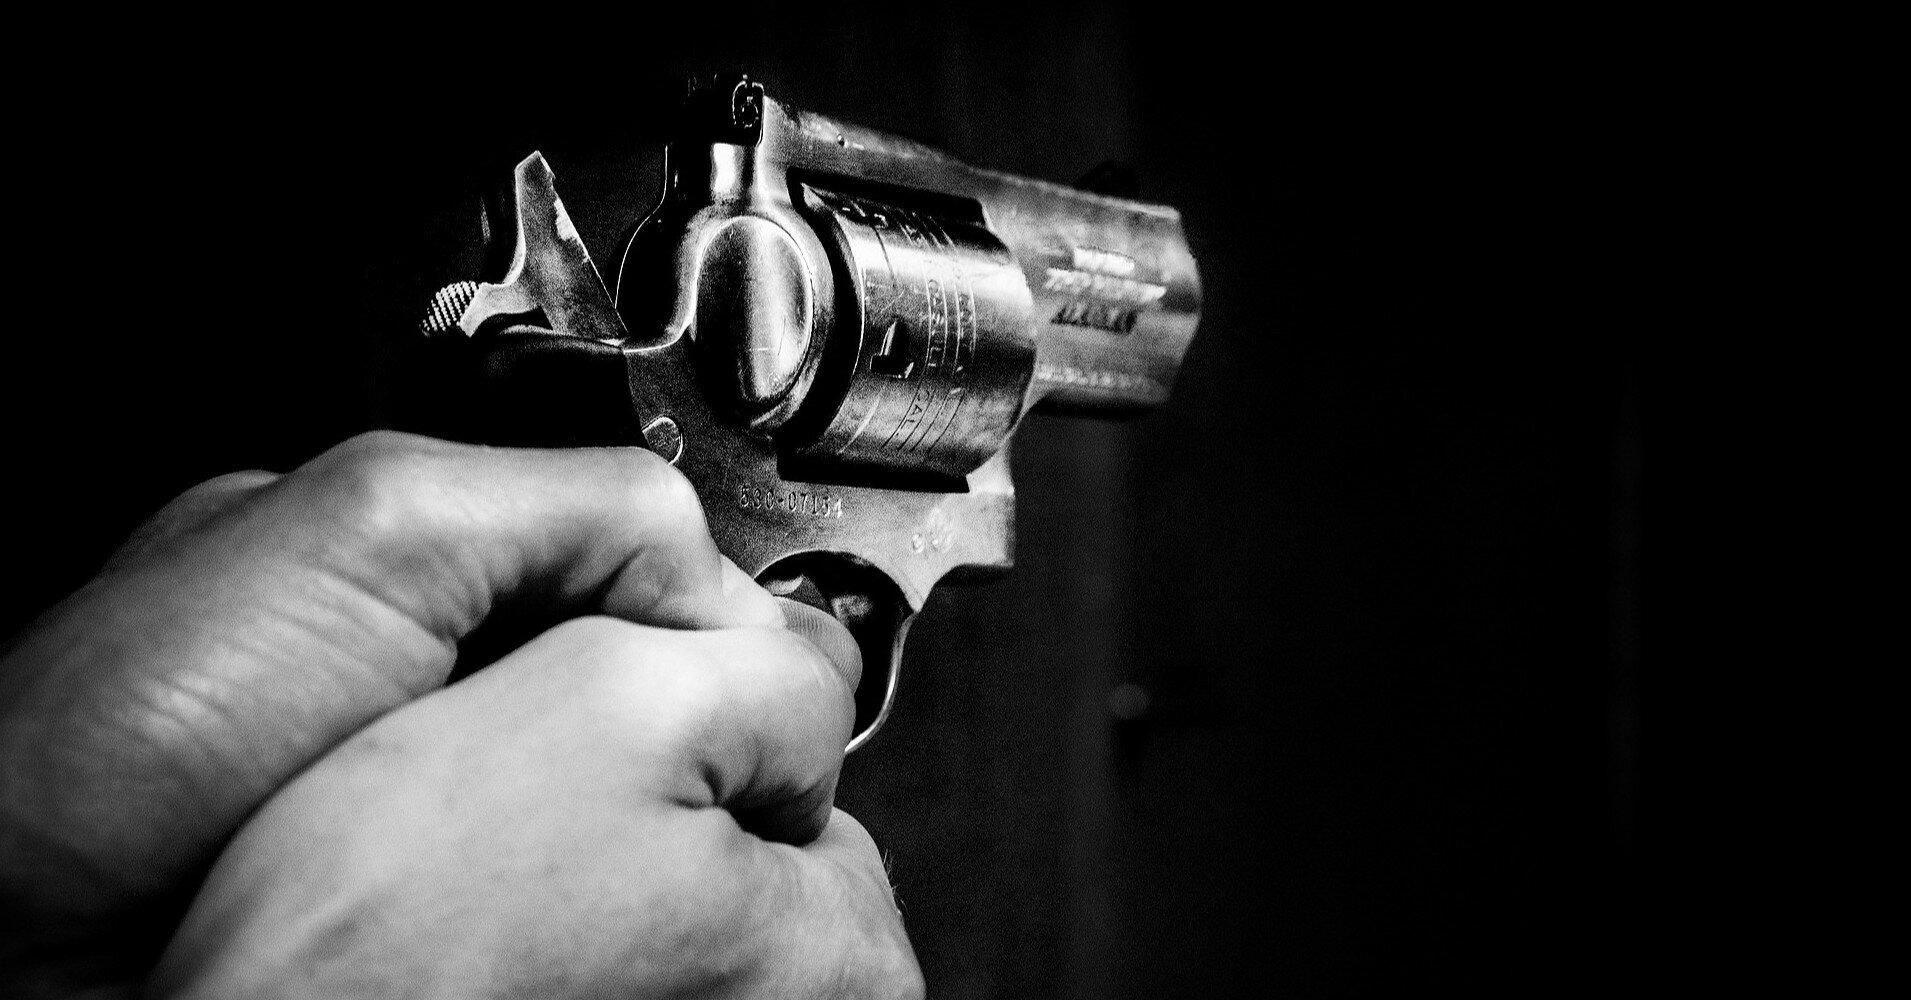 В Харькове неизвестный открыл стрельбу: есть раненый